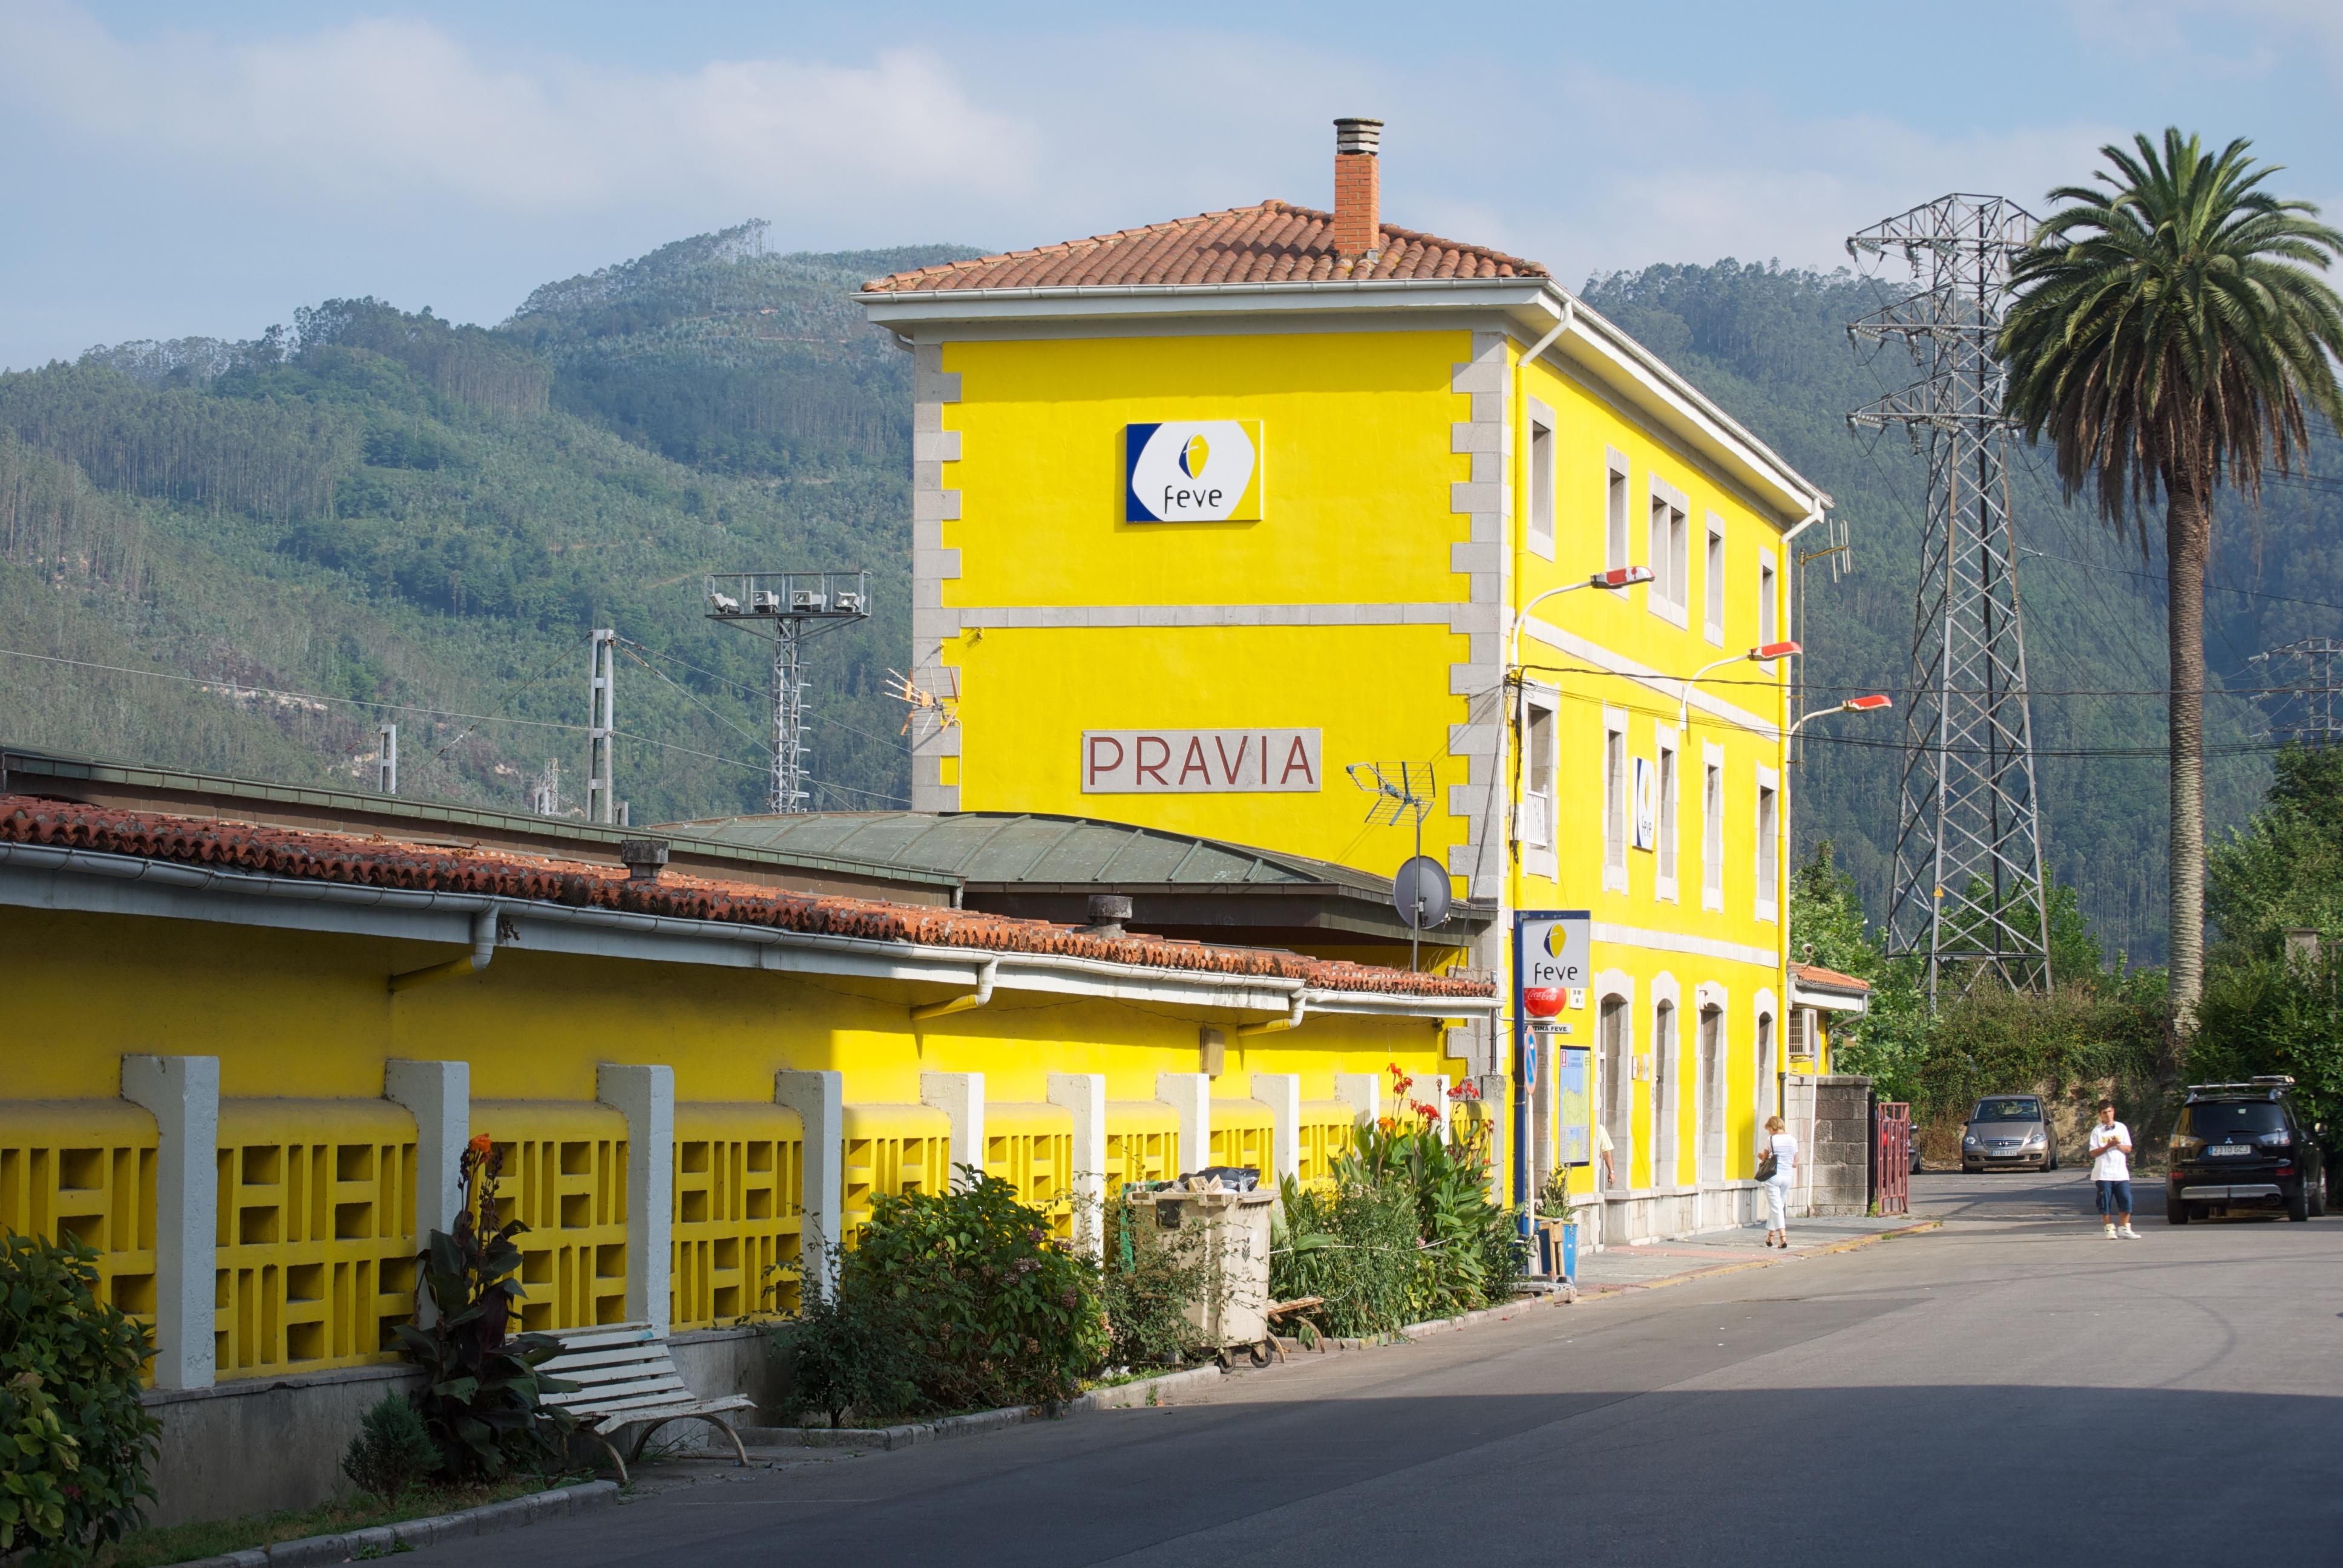 Estación de Pravia - Wikipedia, la enciclopedia libre